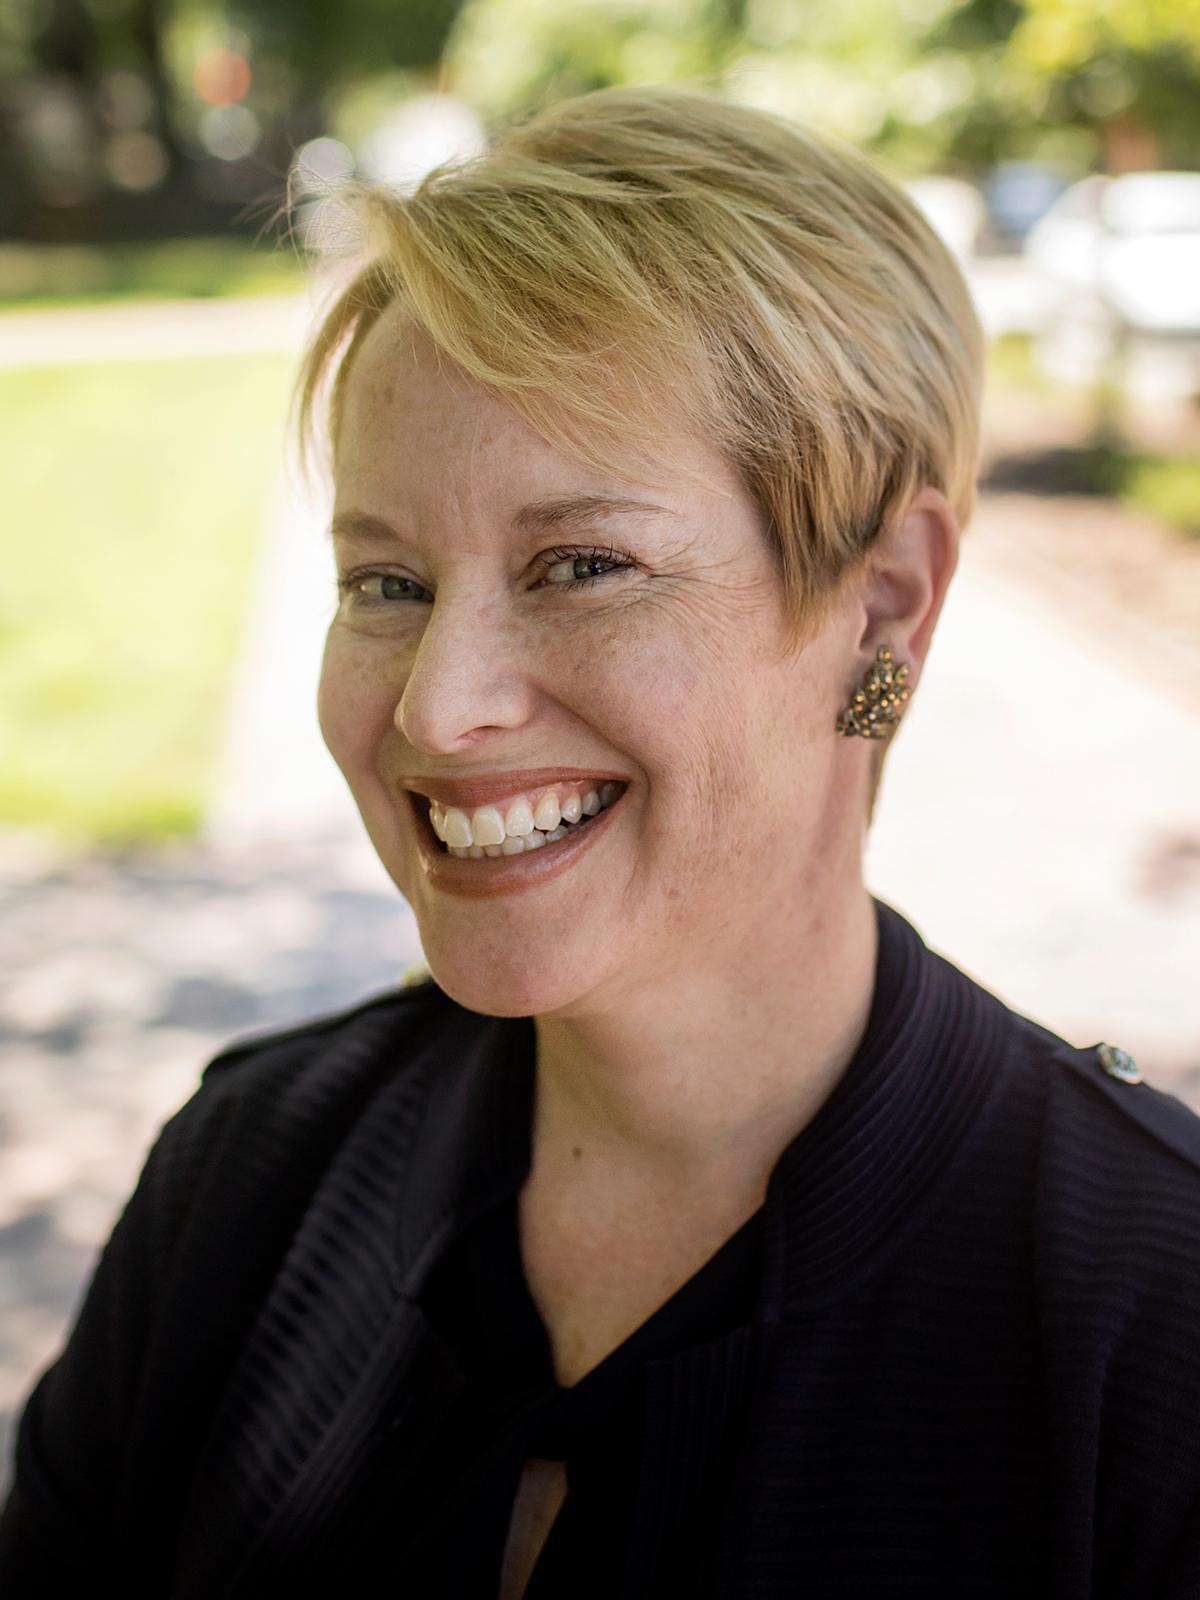 Lora Cohen Vogel portrait image